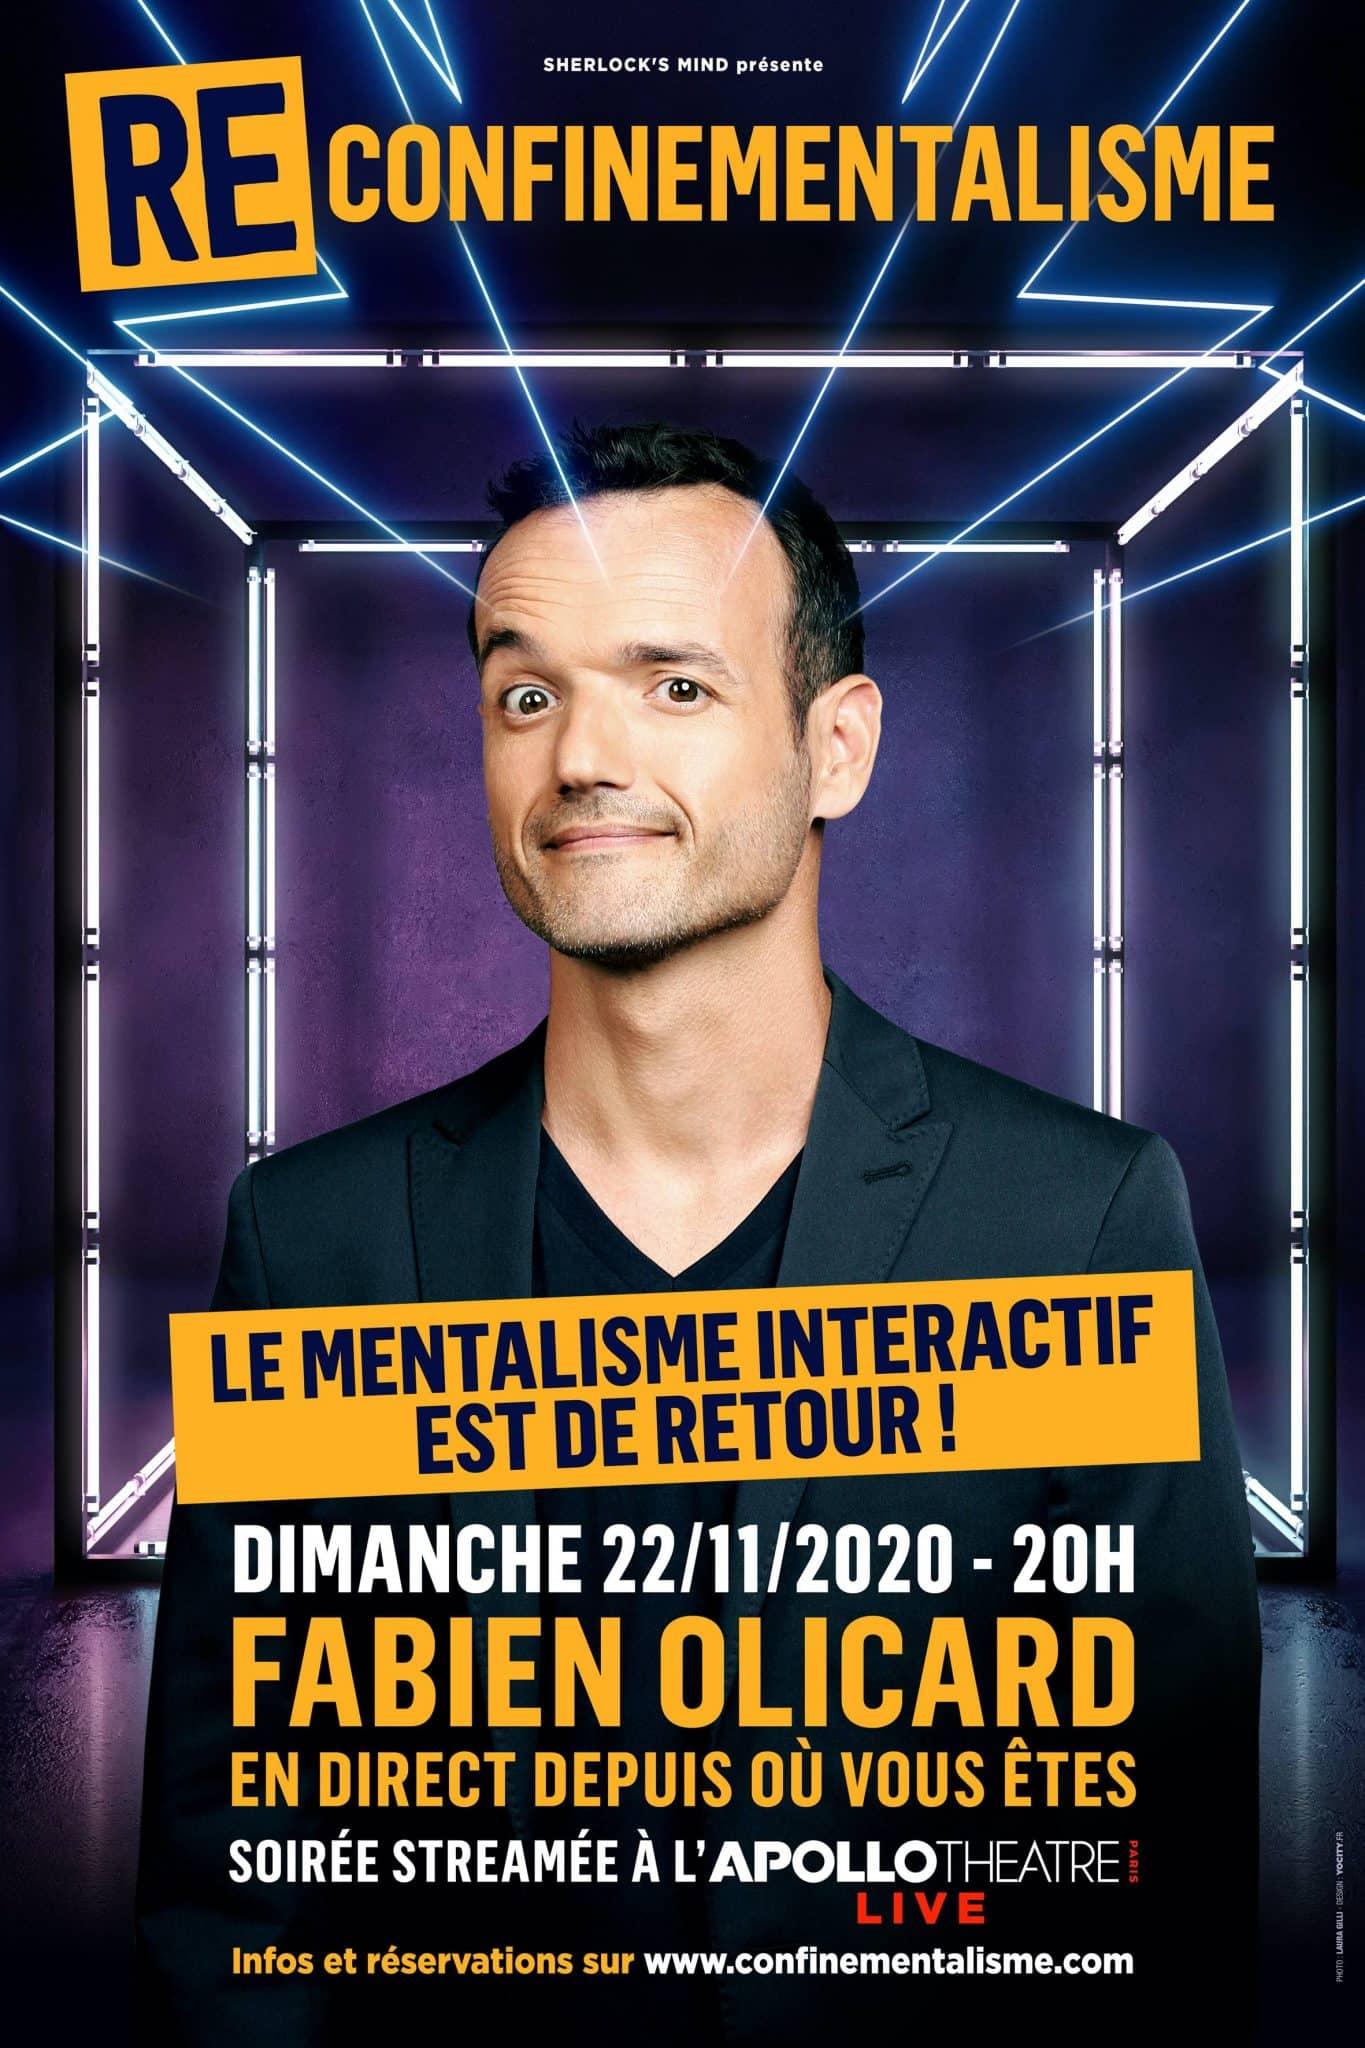 Reconfinementalisme : spectacle de mentalisme de Fabien Olicard, le 22 novembre 2020